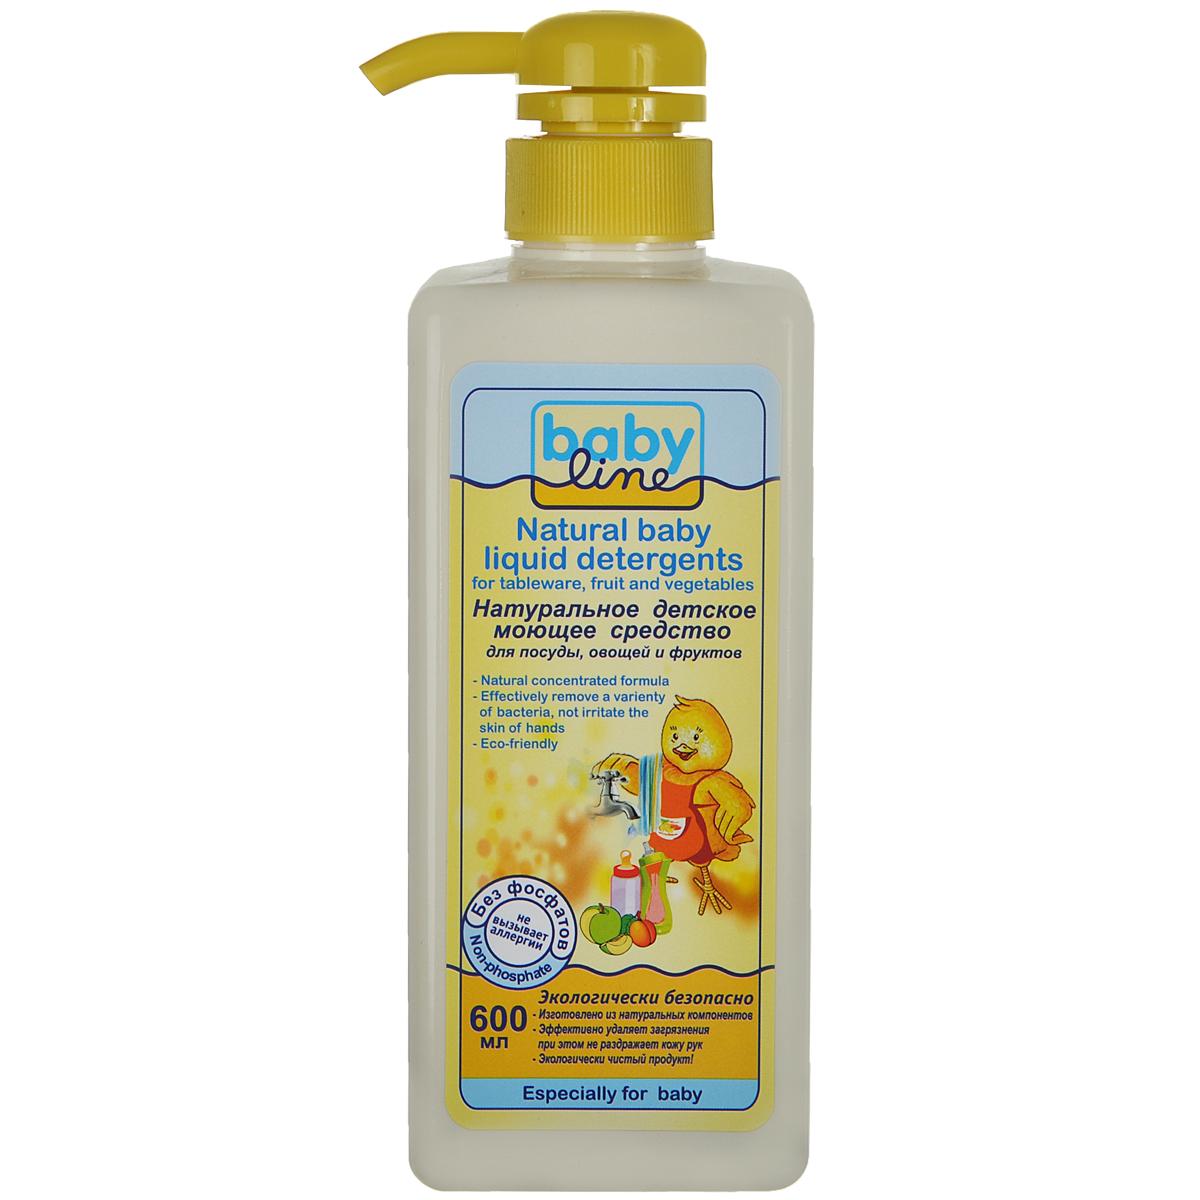 BabyLine Моющее средство для посуды, овощей и фруктов, натуральное, детское, 600 мл